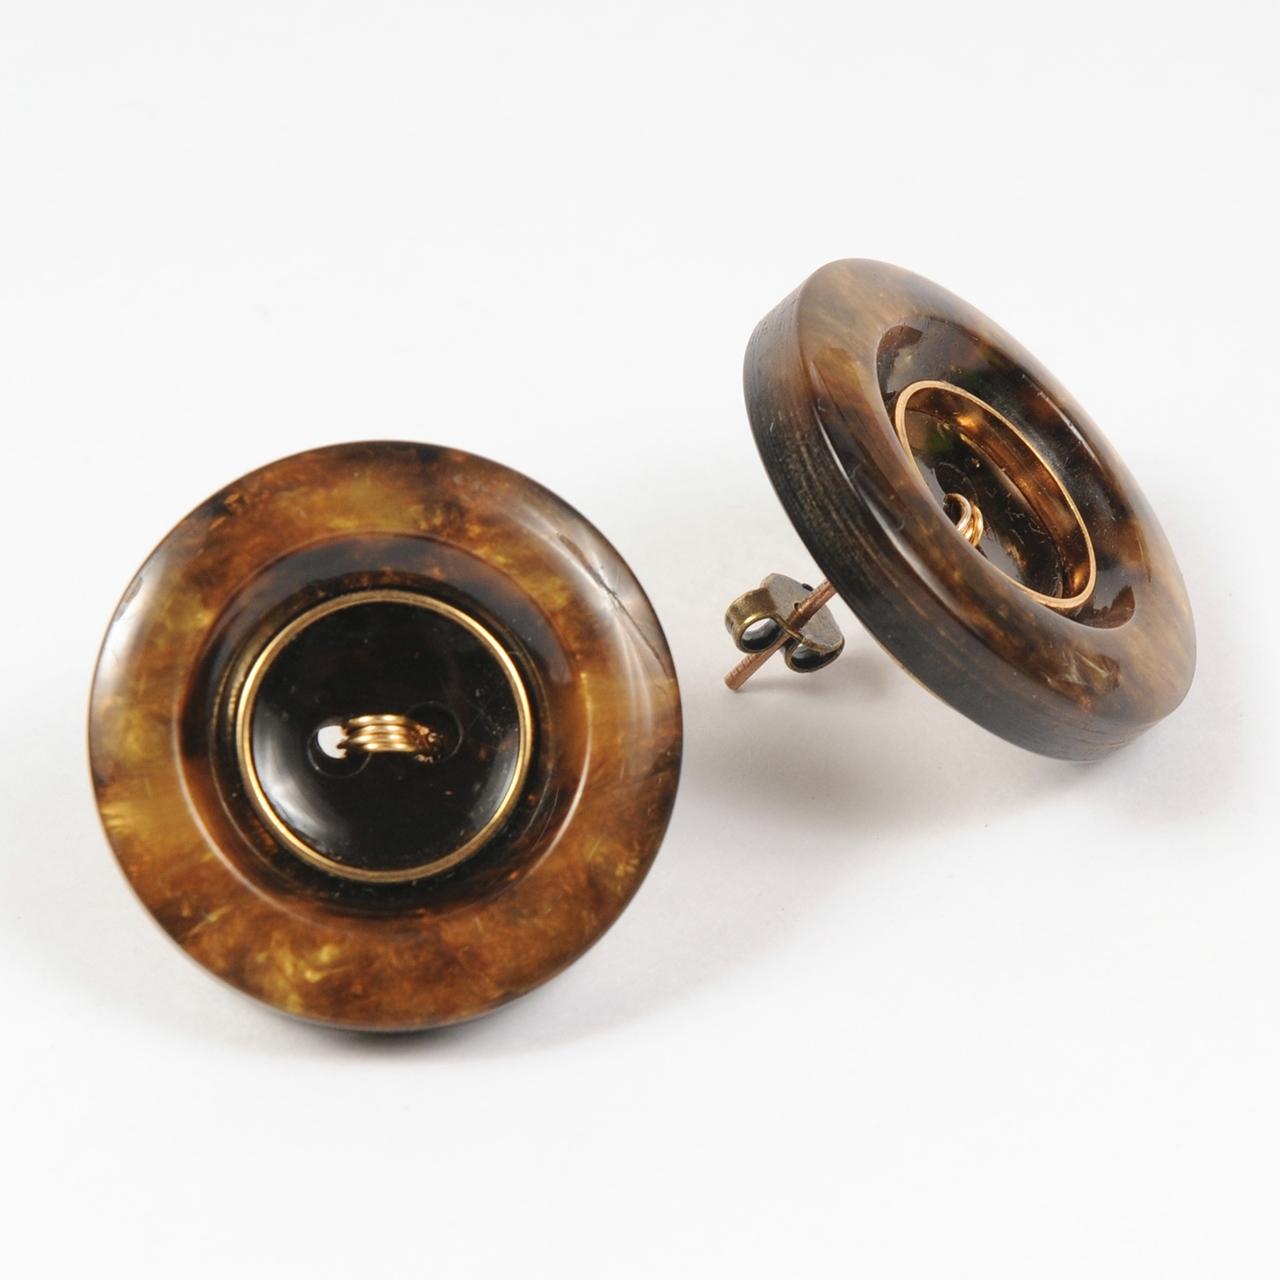 df20SS-J02 VINTAGE BOTTON PIERCE - brown